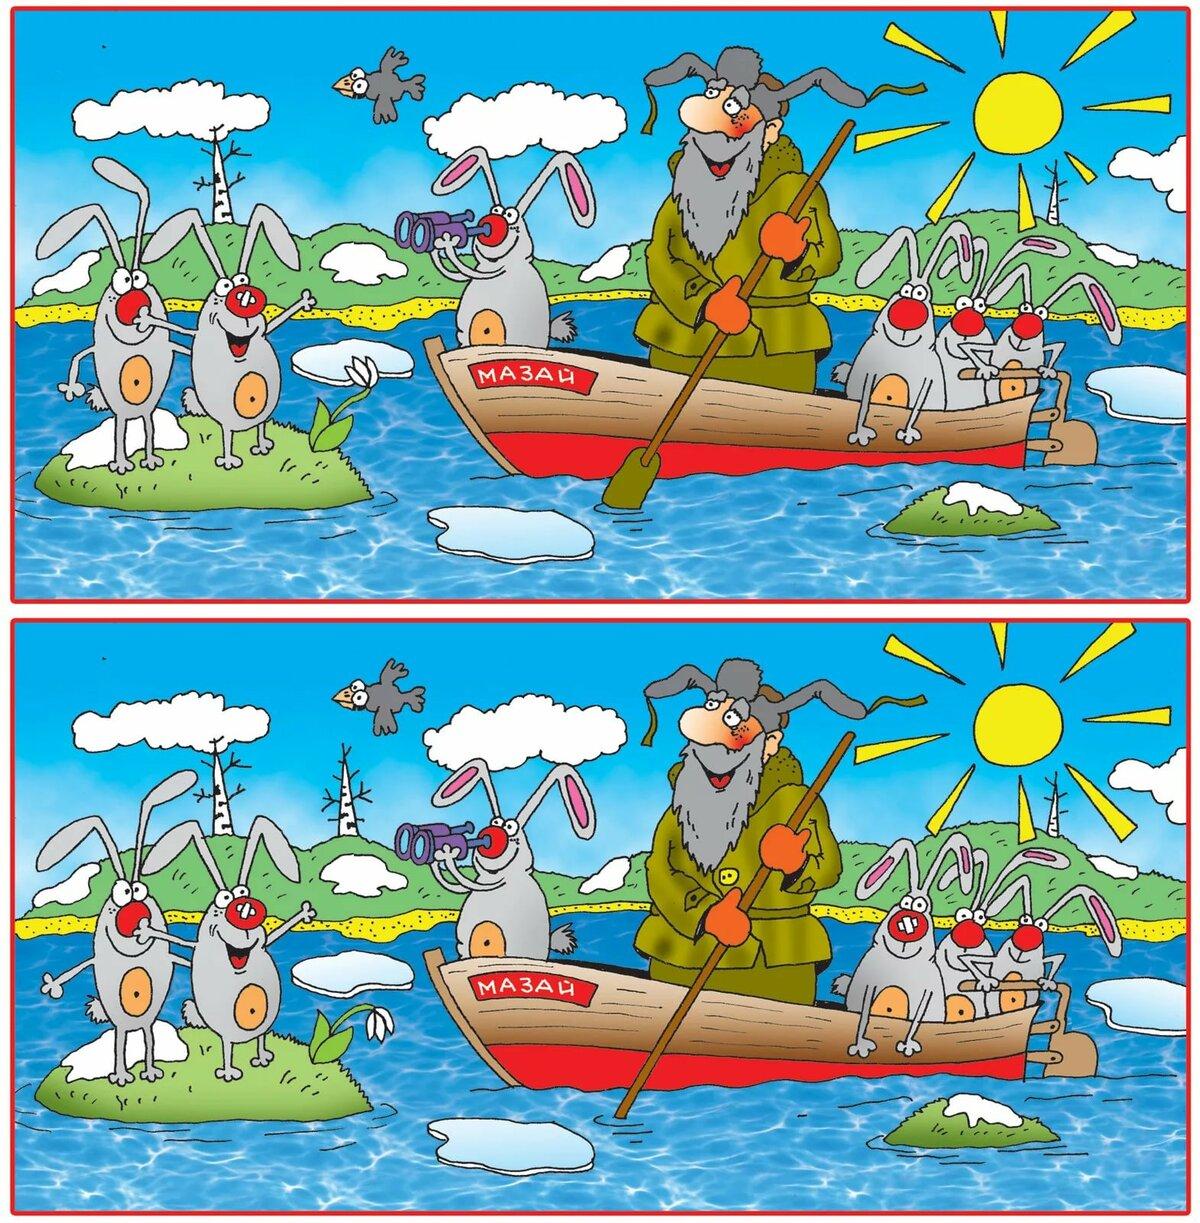 найди два отличия между двумя картинками запросу новониколаевский район